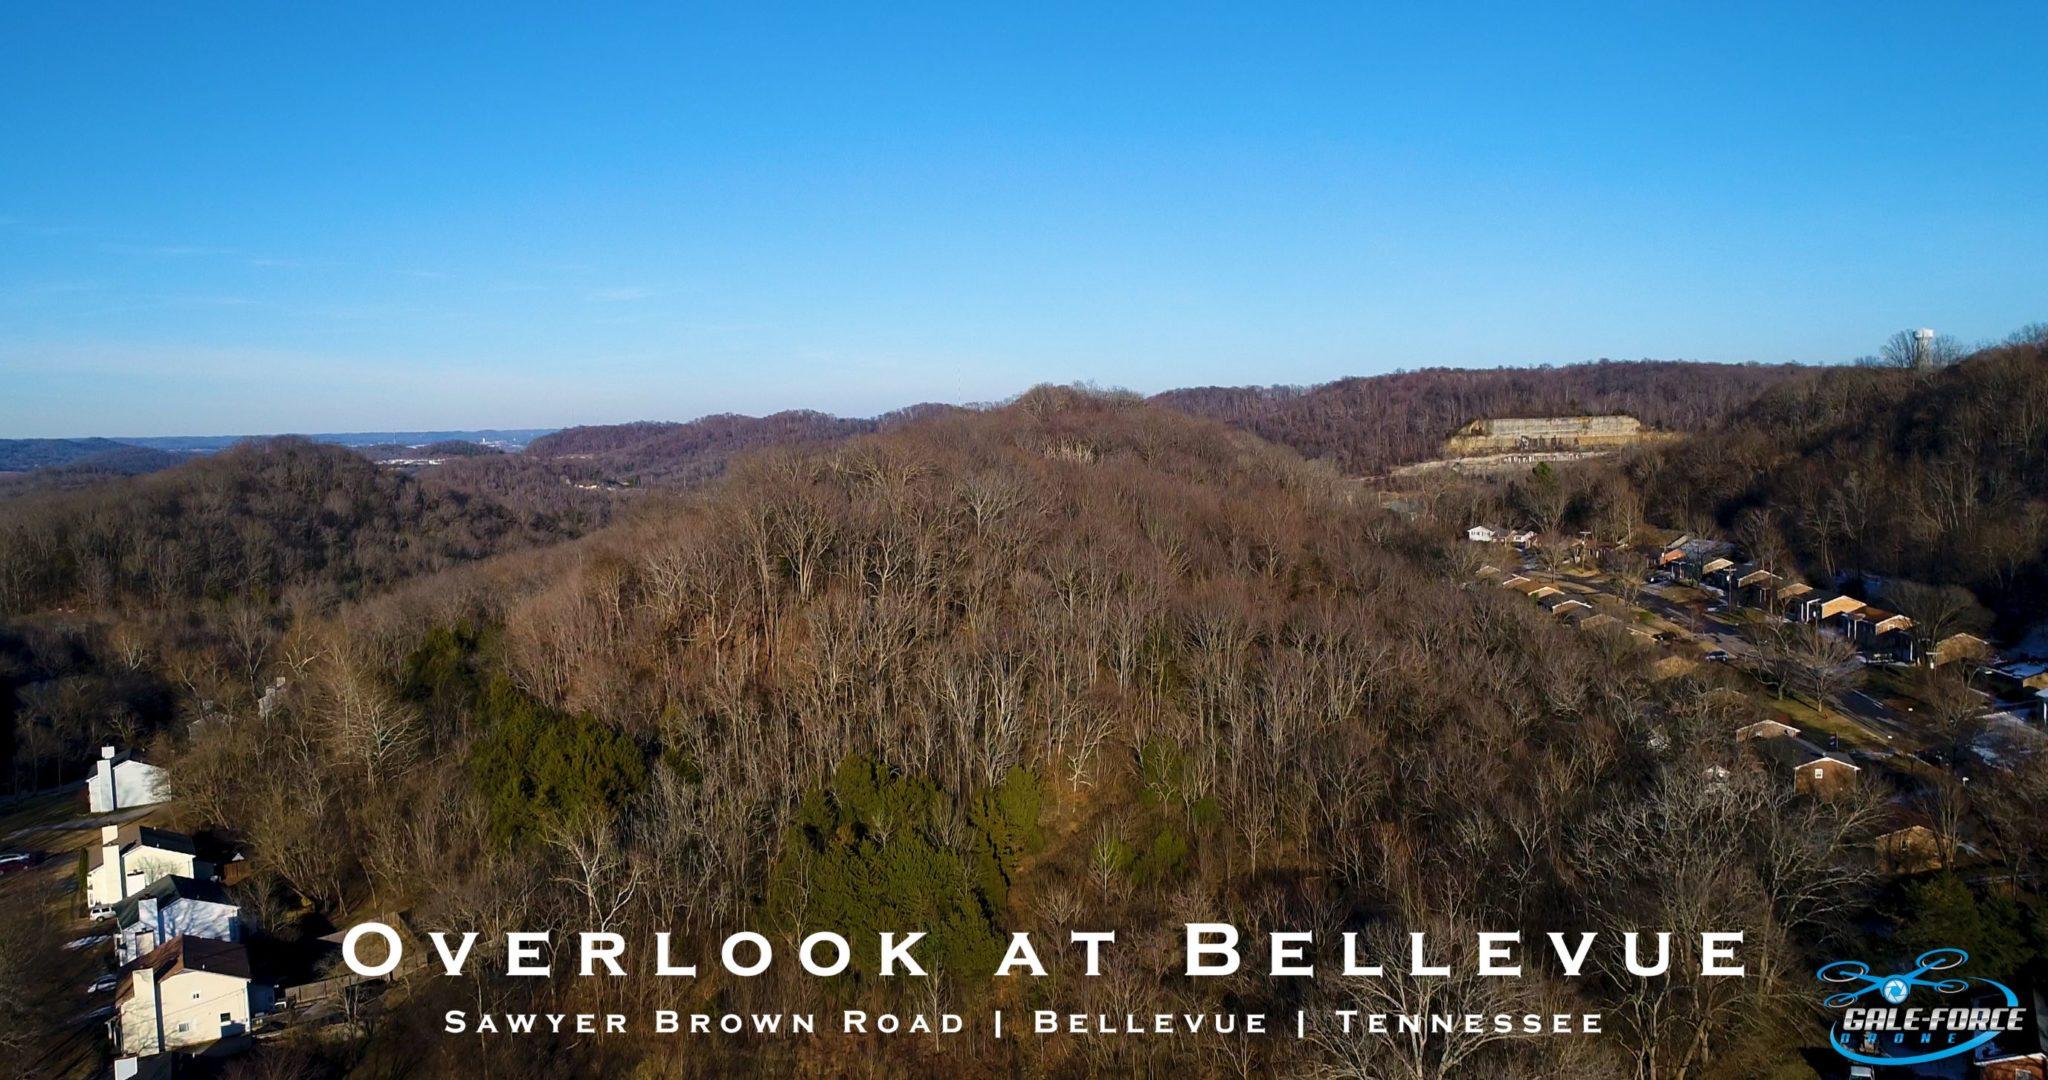 galeforcedrone.com overlook at bellevue